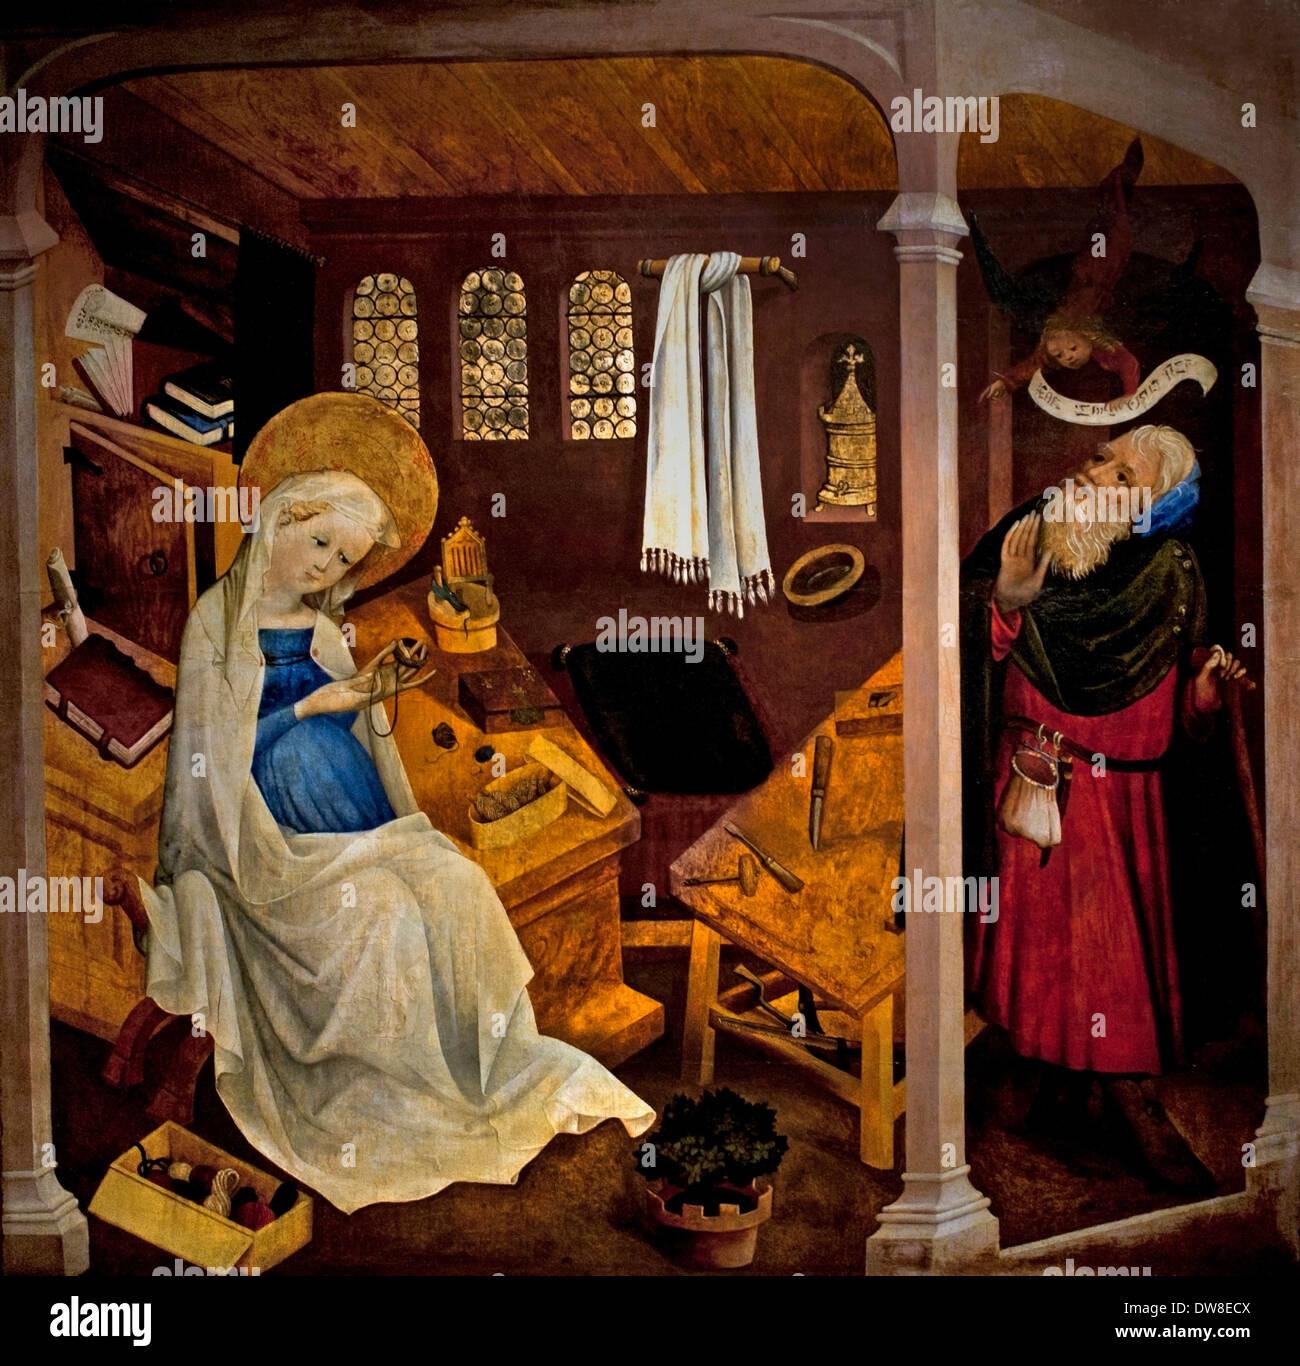 Le doute de Joseph 1430 Maitre du Jardin de Paradis - Maître de le jardin du Paradis Strasbourg France Français Photo Stock